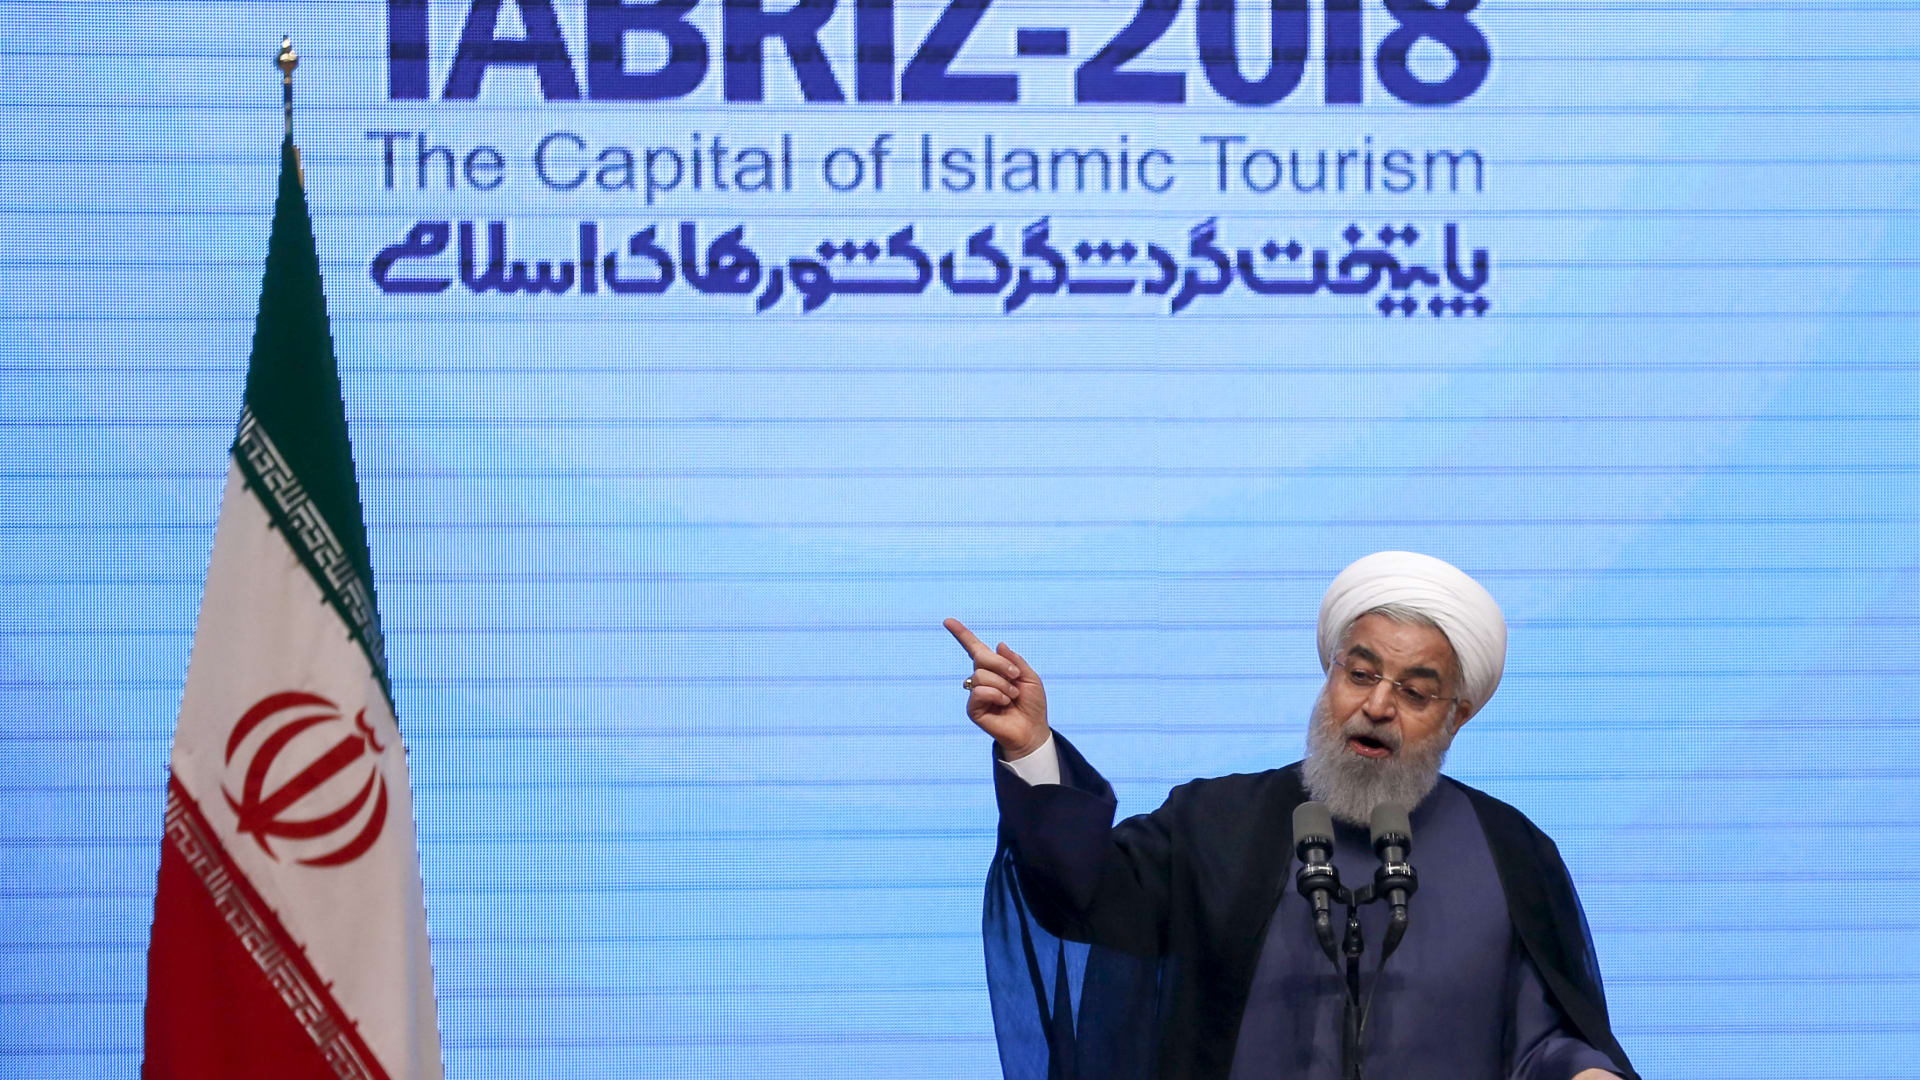 روحاني: سننتج ونخزن الأسلحة التي نحتاجها ولن نناقش ذلك مع أحد